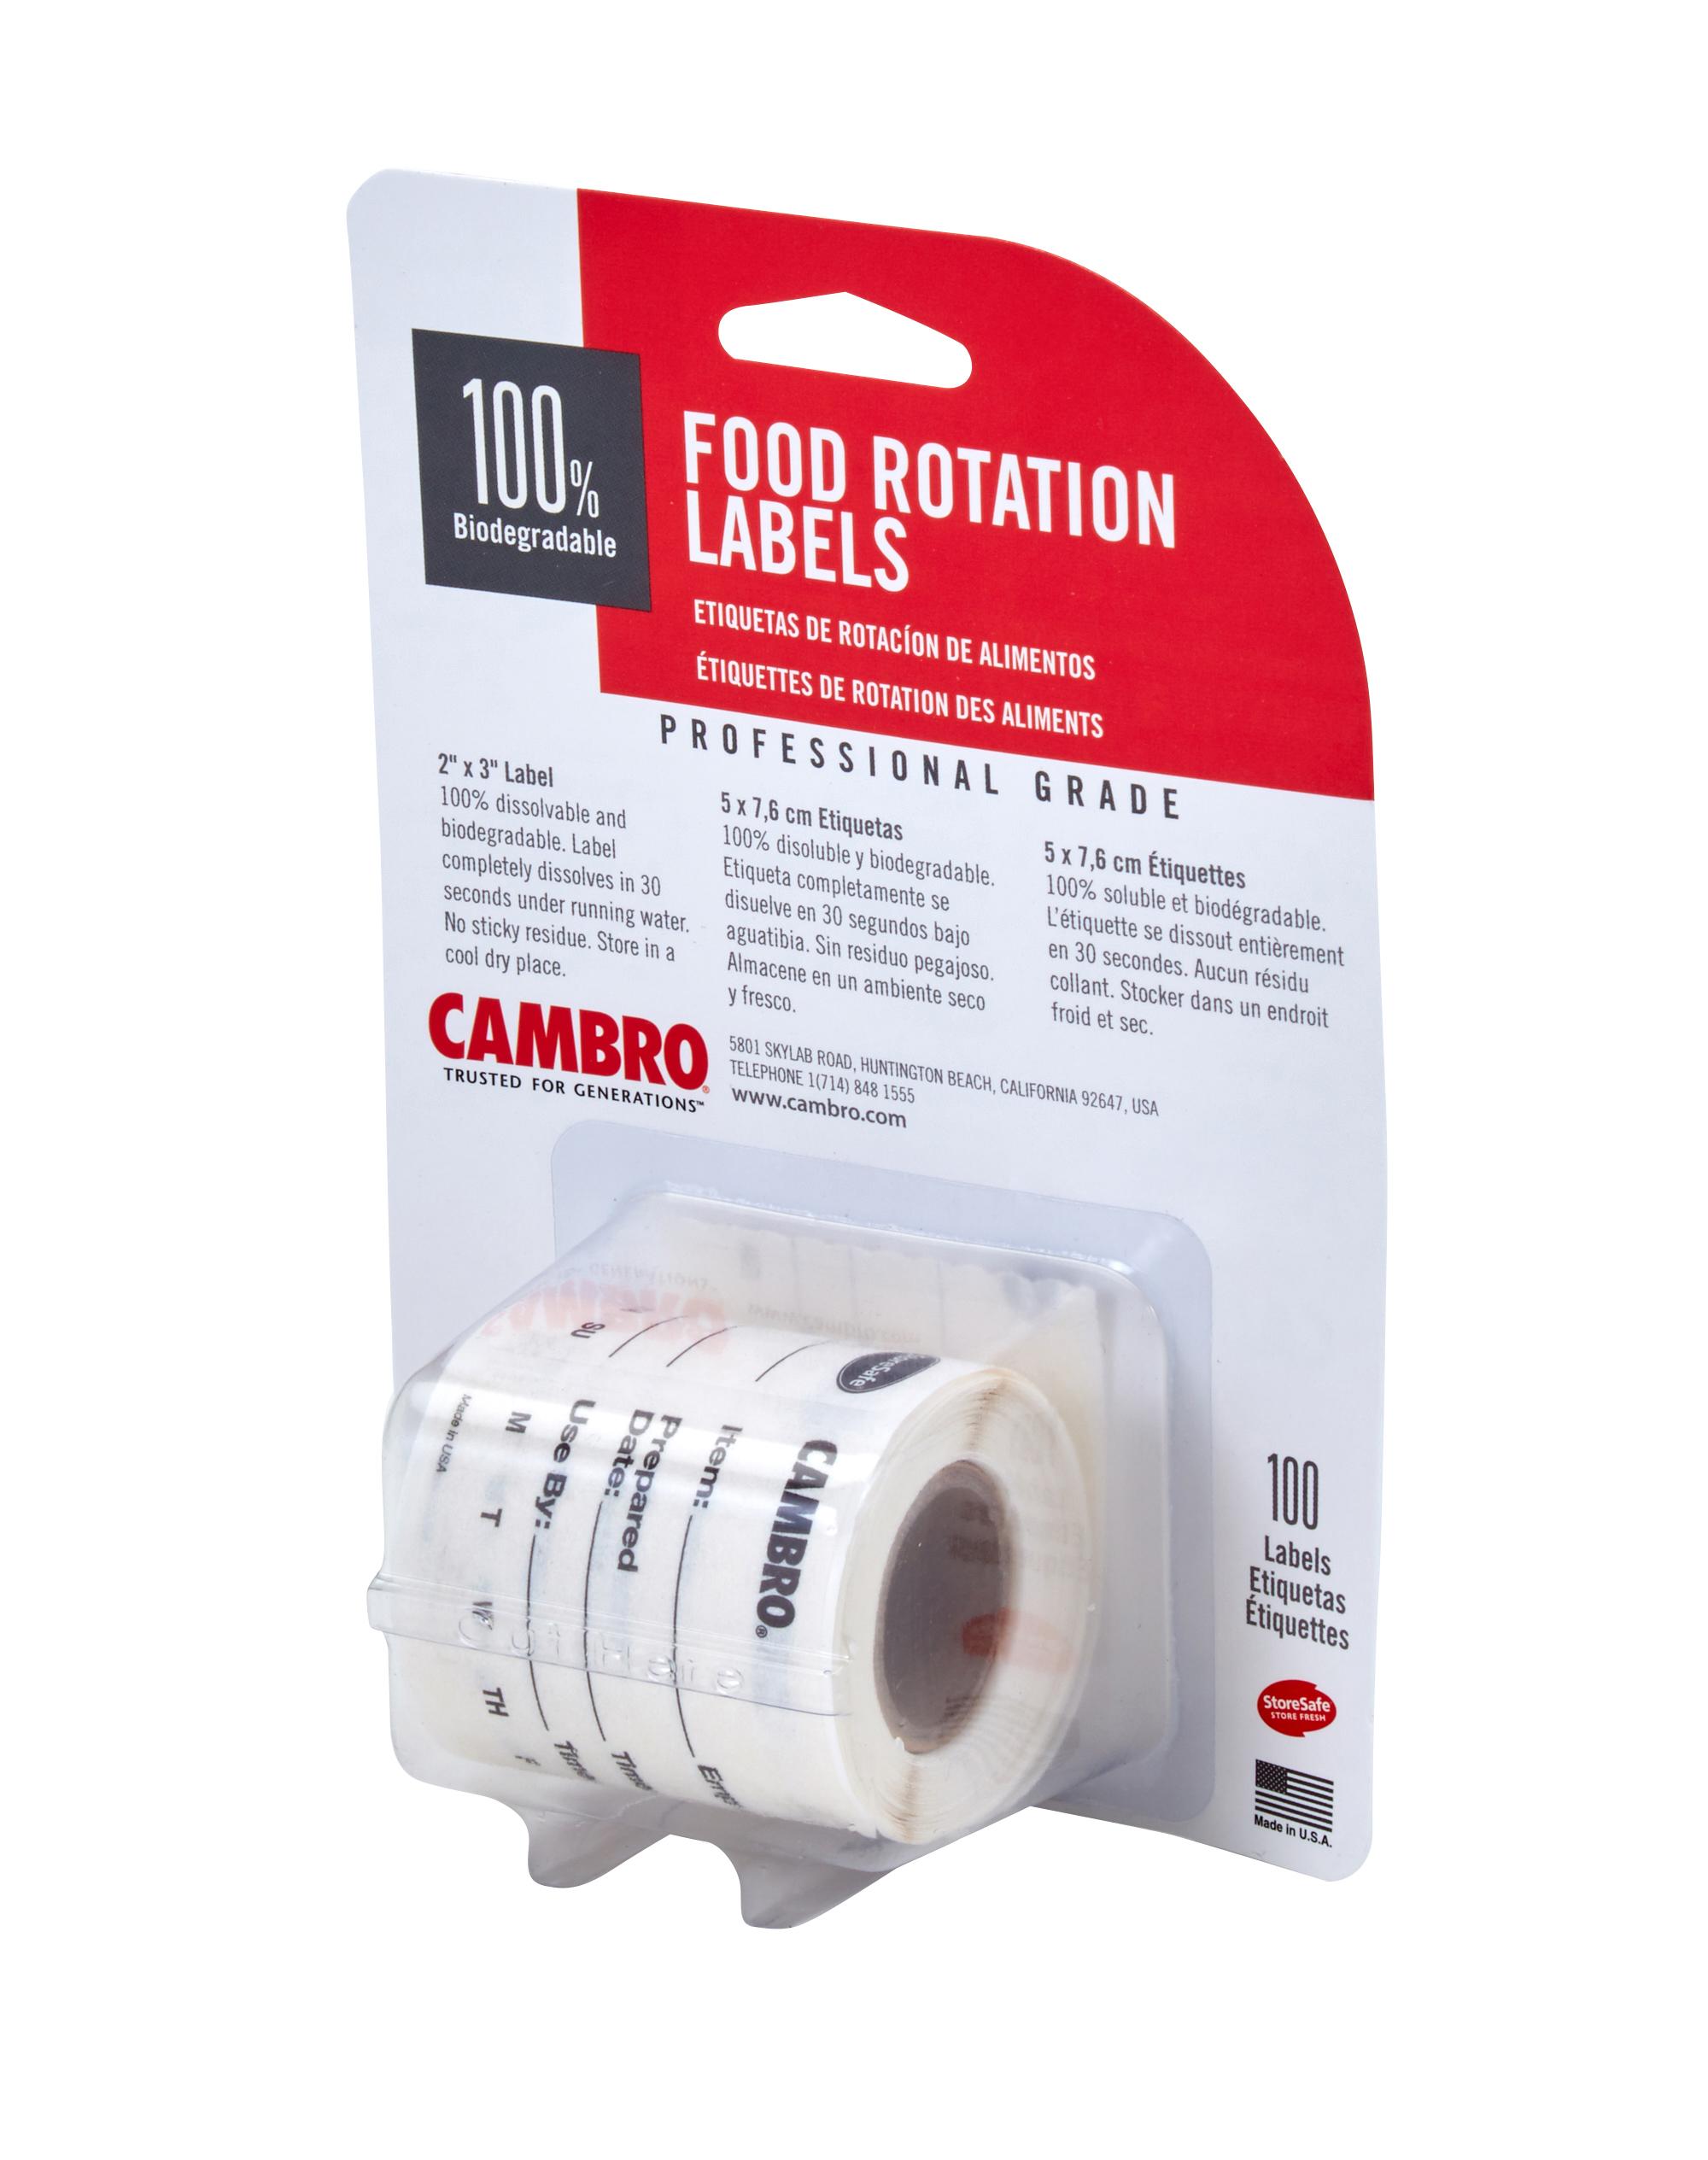 Cambro 23SL labels